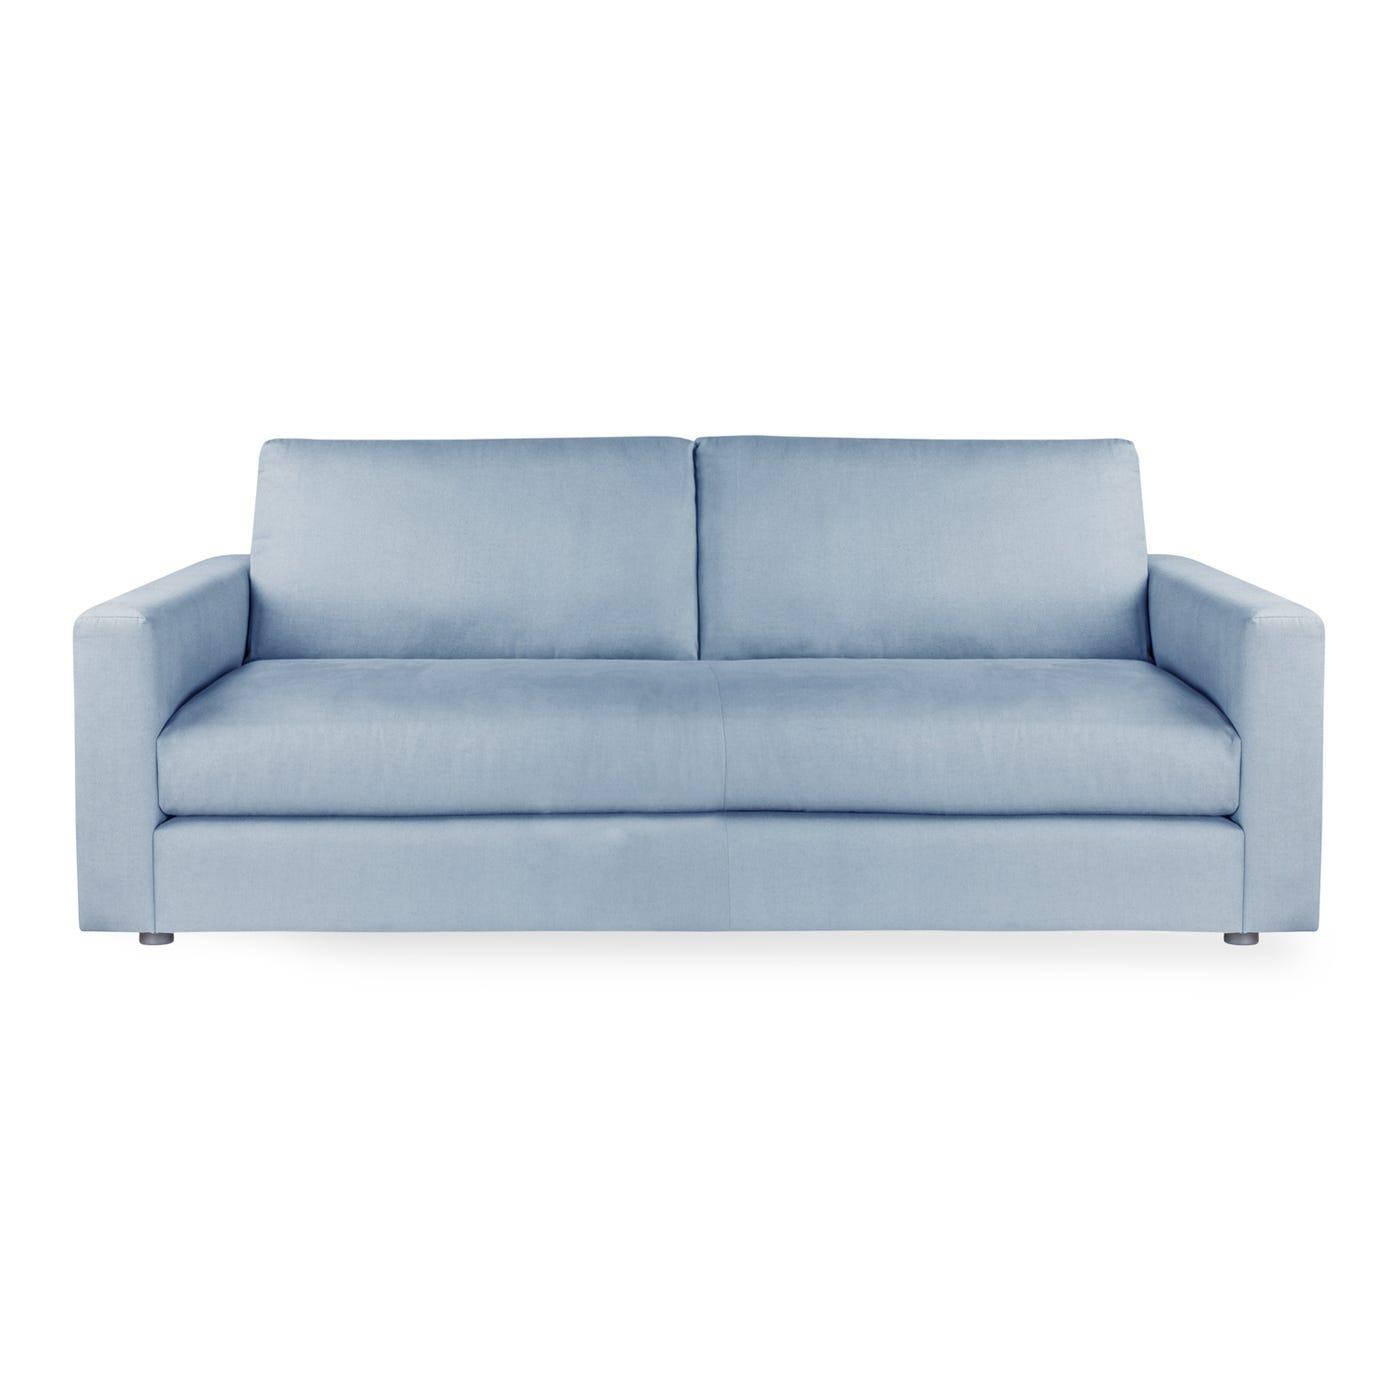 Nimbus 4 Seater Sofa